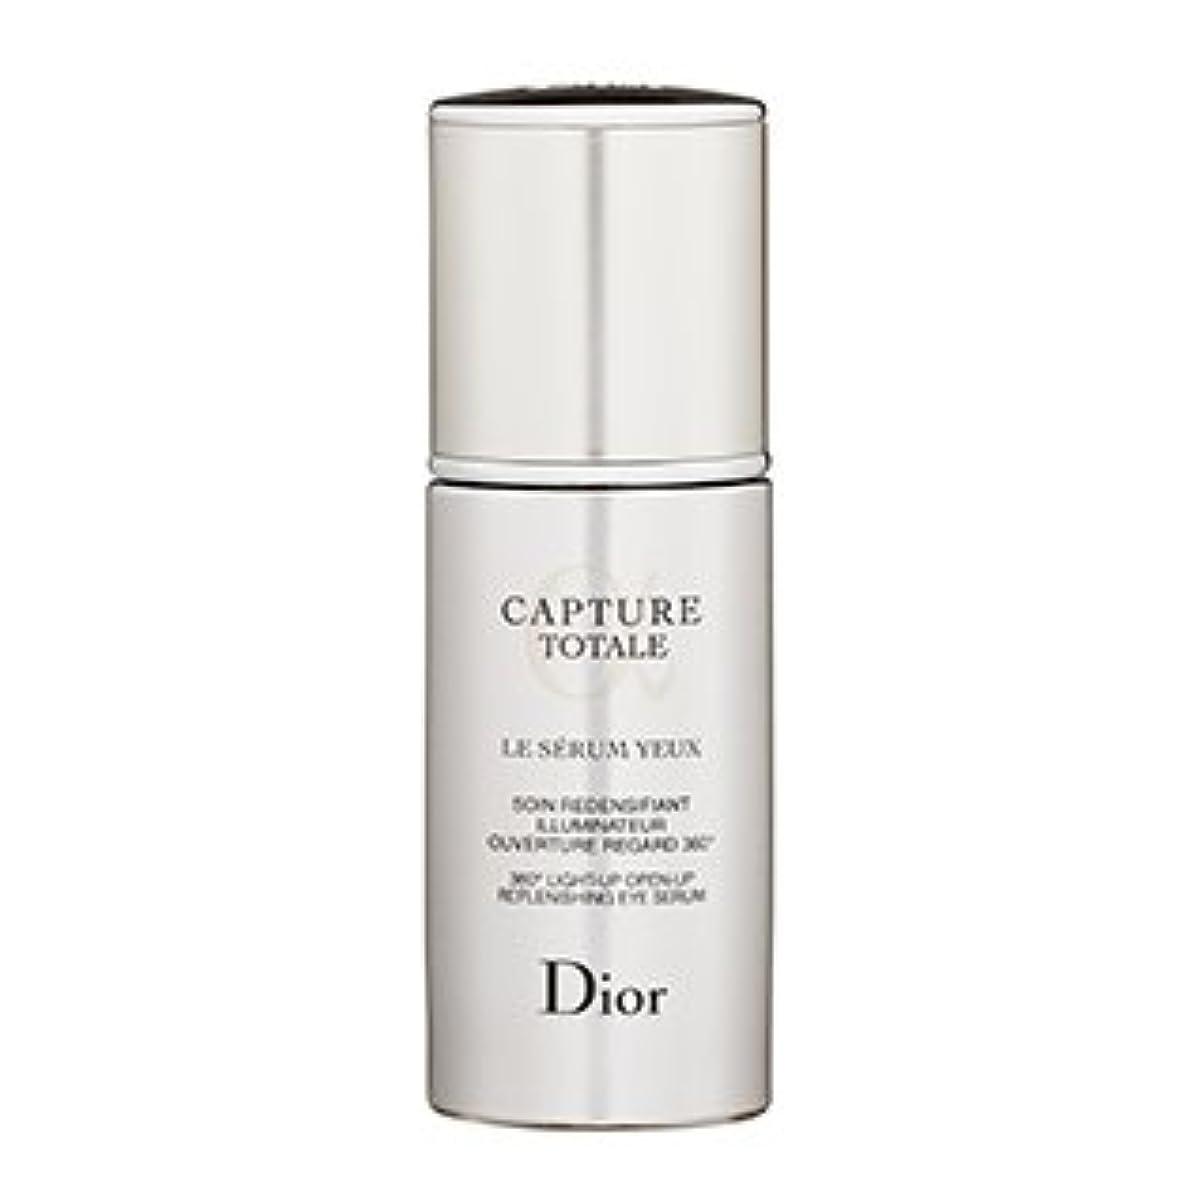 ディオール(Dior) カプチュール トータル アイ セラム [並行輸入品]